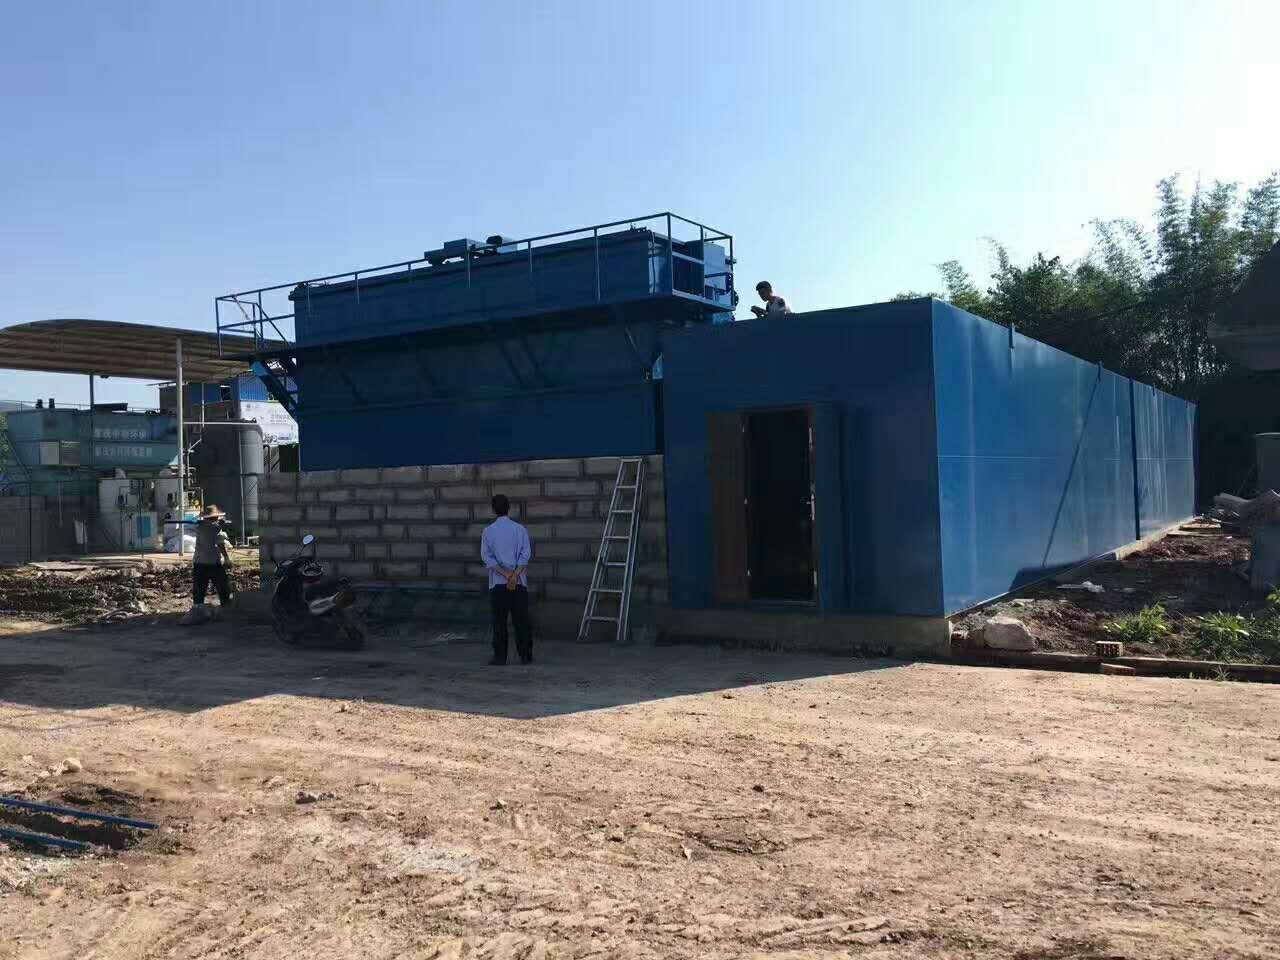 荣昌工业园区500吨一体化污水处理设备